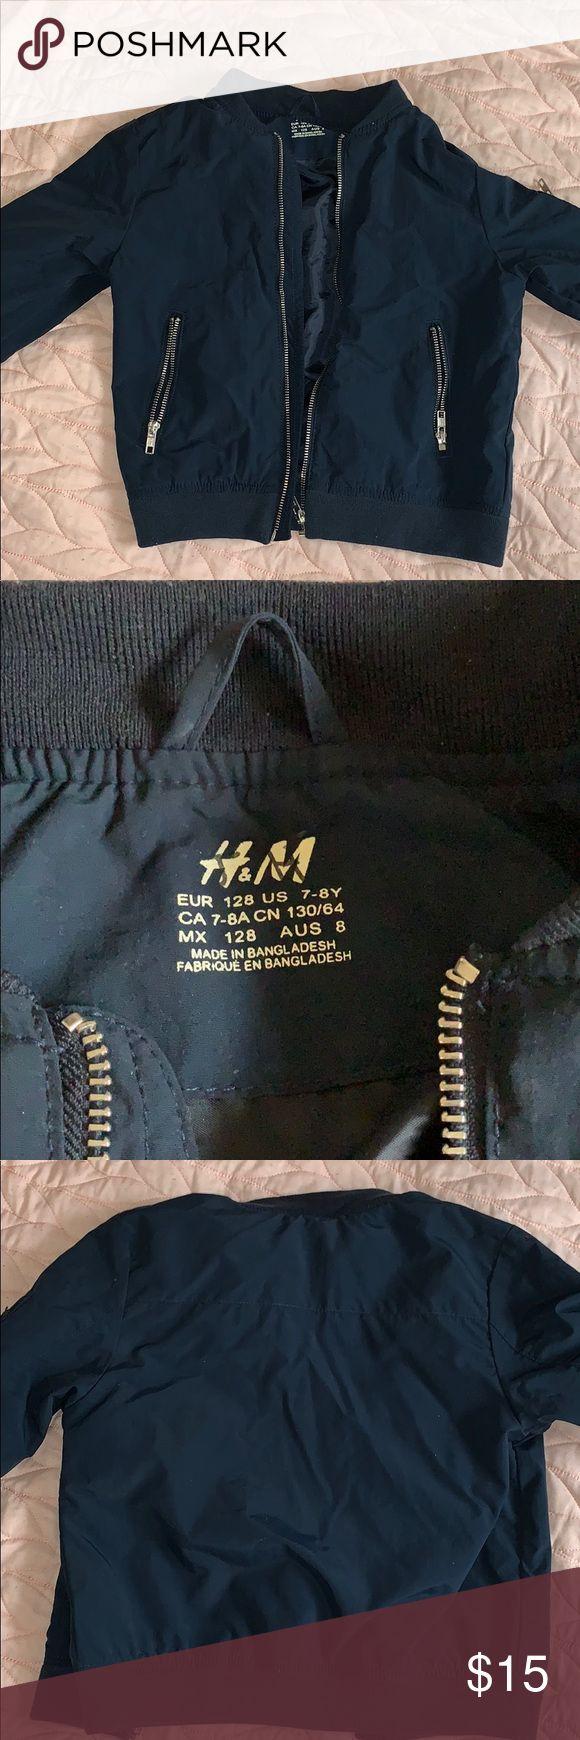 H&M bomber jacket 78Y Bomber jacket, Fashion, Jackets